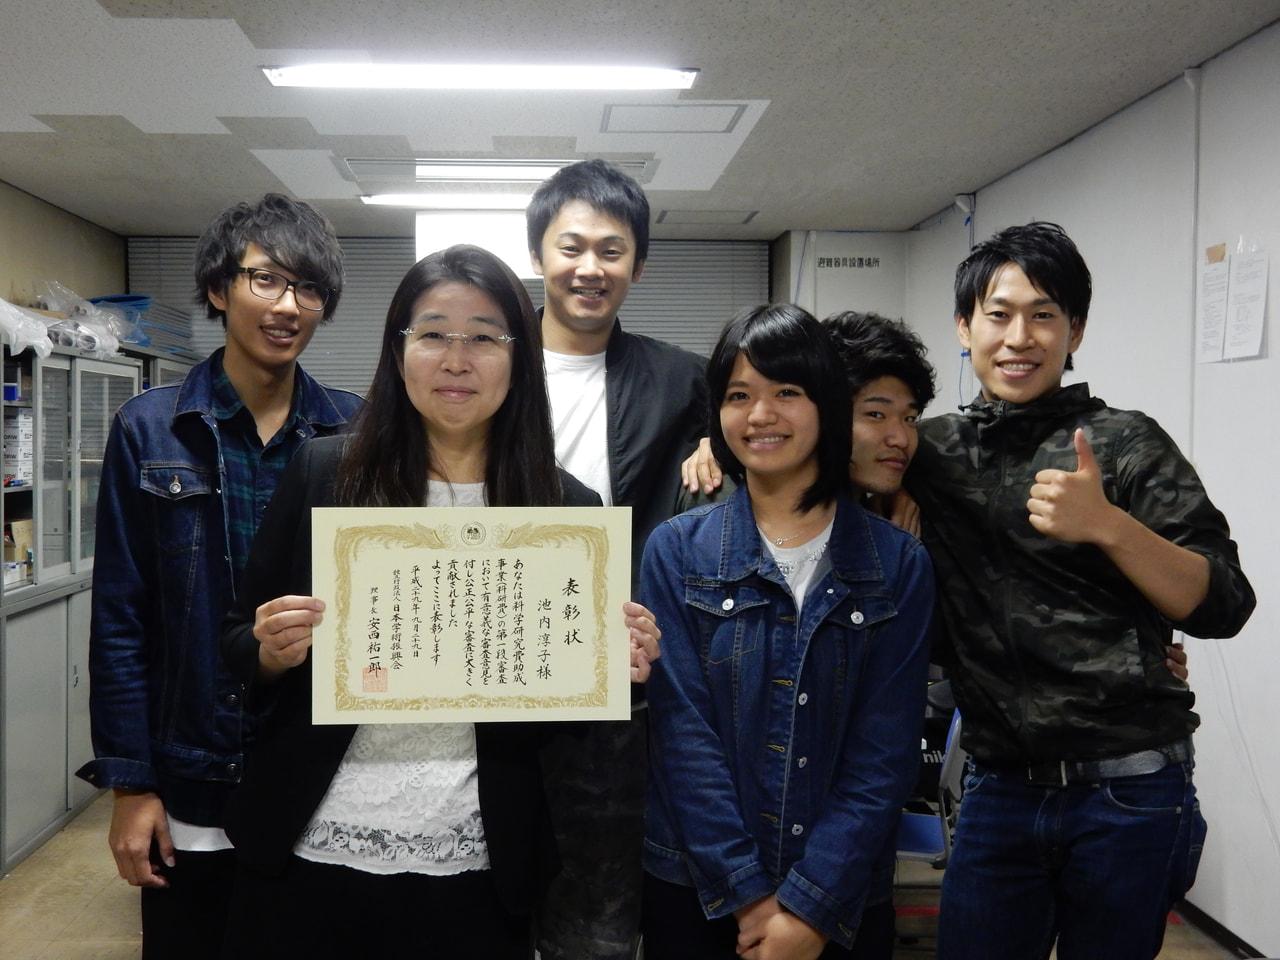 池内淳子教授が「独立行政法人 日本学術振興会」より表彰されました